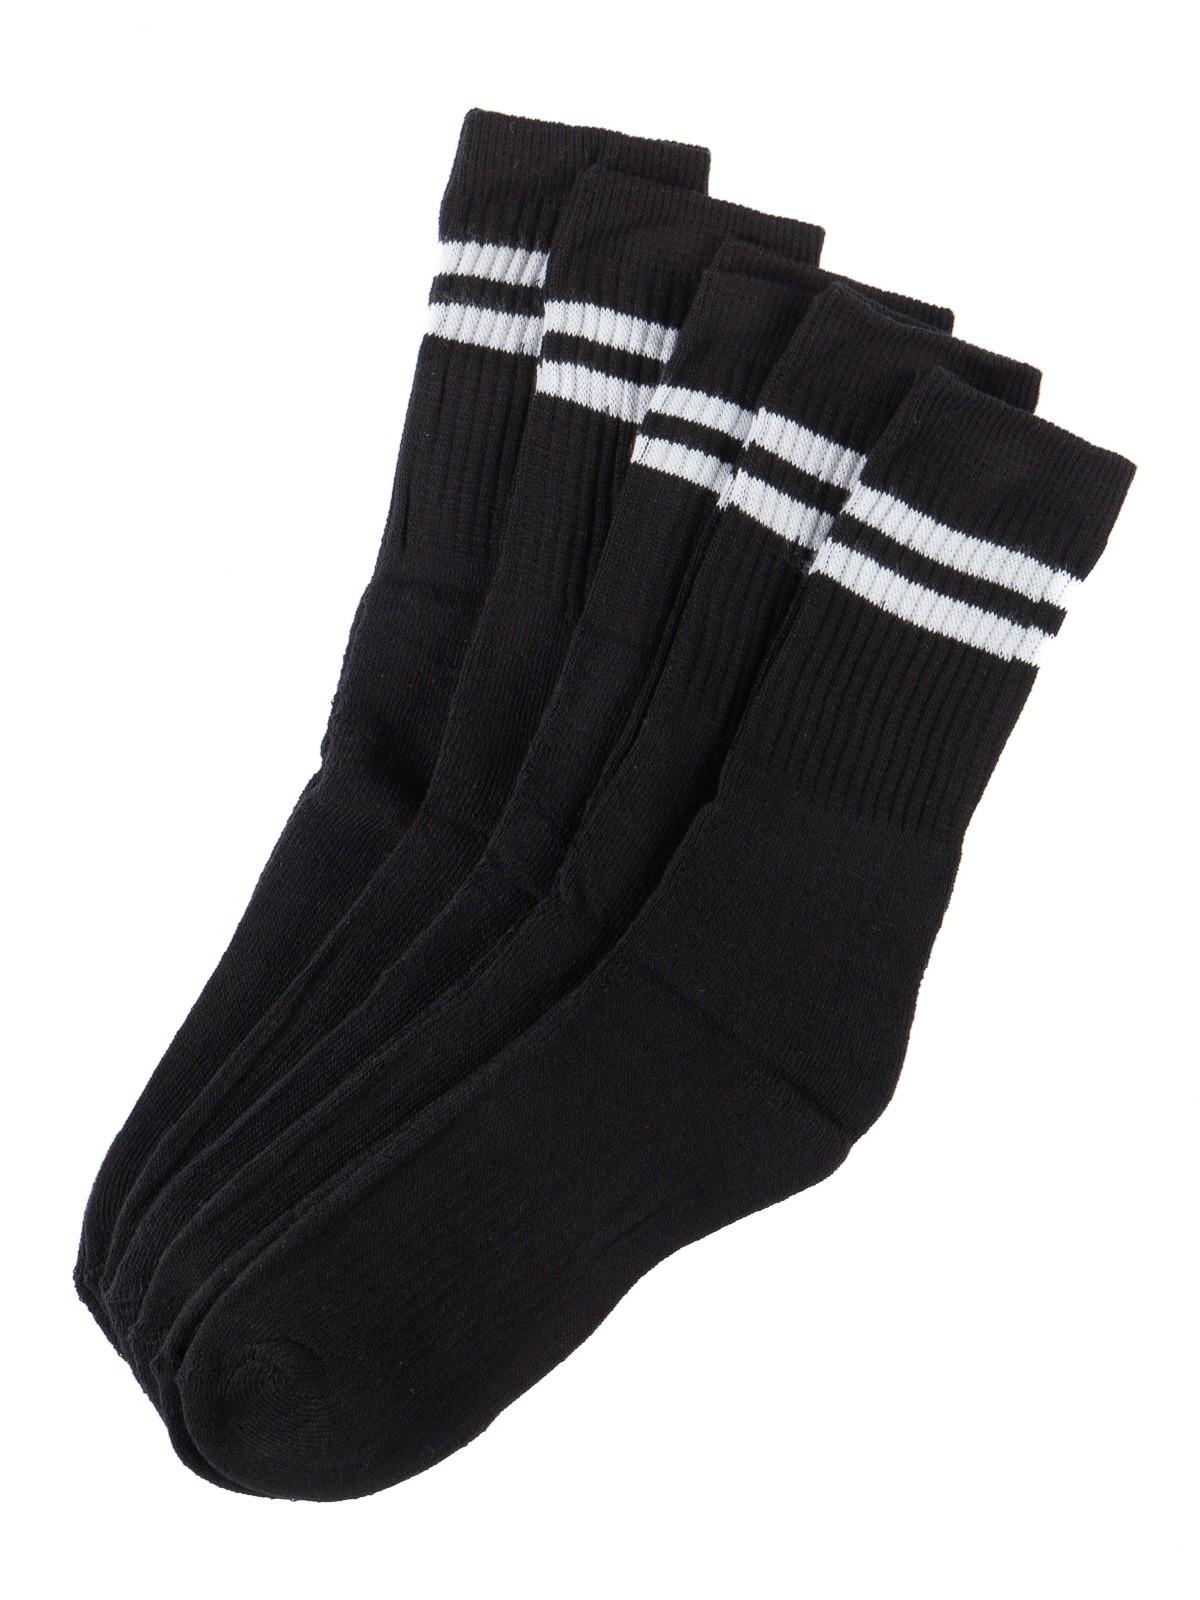 lot 5 paires de chaussettes homme districenter. Black Bedroom Furniture Sets. Home Design Ideas